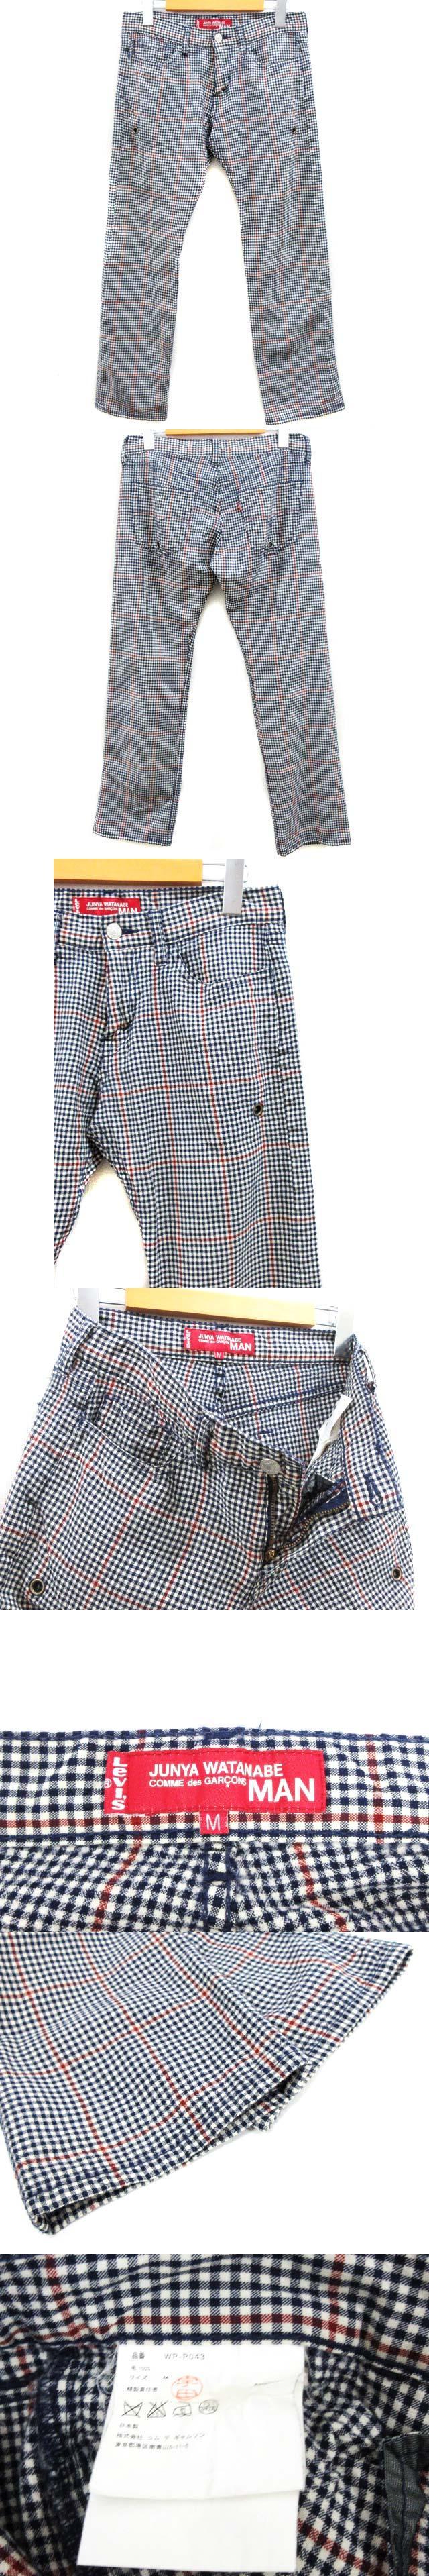 リーバイス Levi's 別注 コラボ パンツ 5ポケット チェック ギンガムチェック 紺 ネイビー 赤 レッド M ウール 日本製 ddd